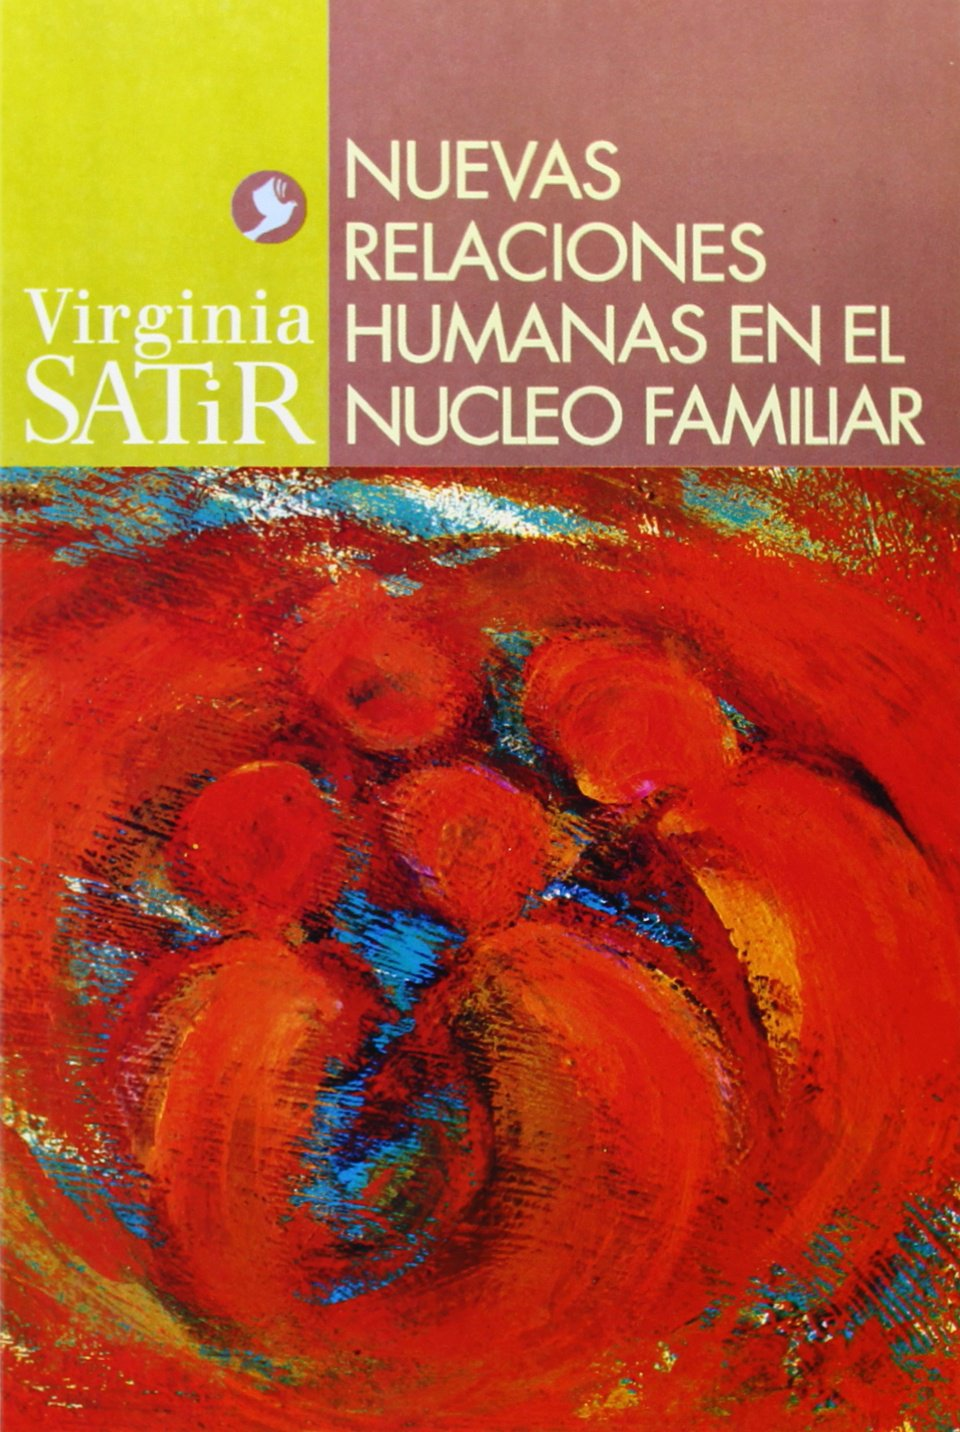 Nuevas Relaciones Humanas En El Nucleo Familiar Virginia Satir Series Satir Virginia Rodriguez Y Martinez Jose I 9789688606537 Amazon Com Books